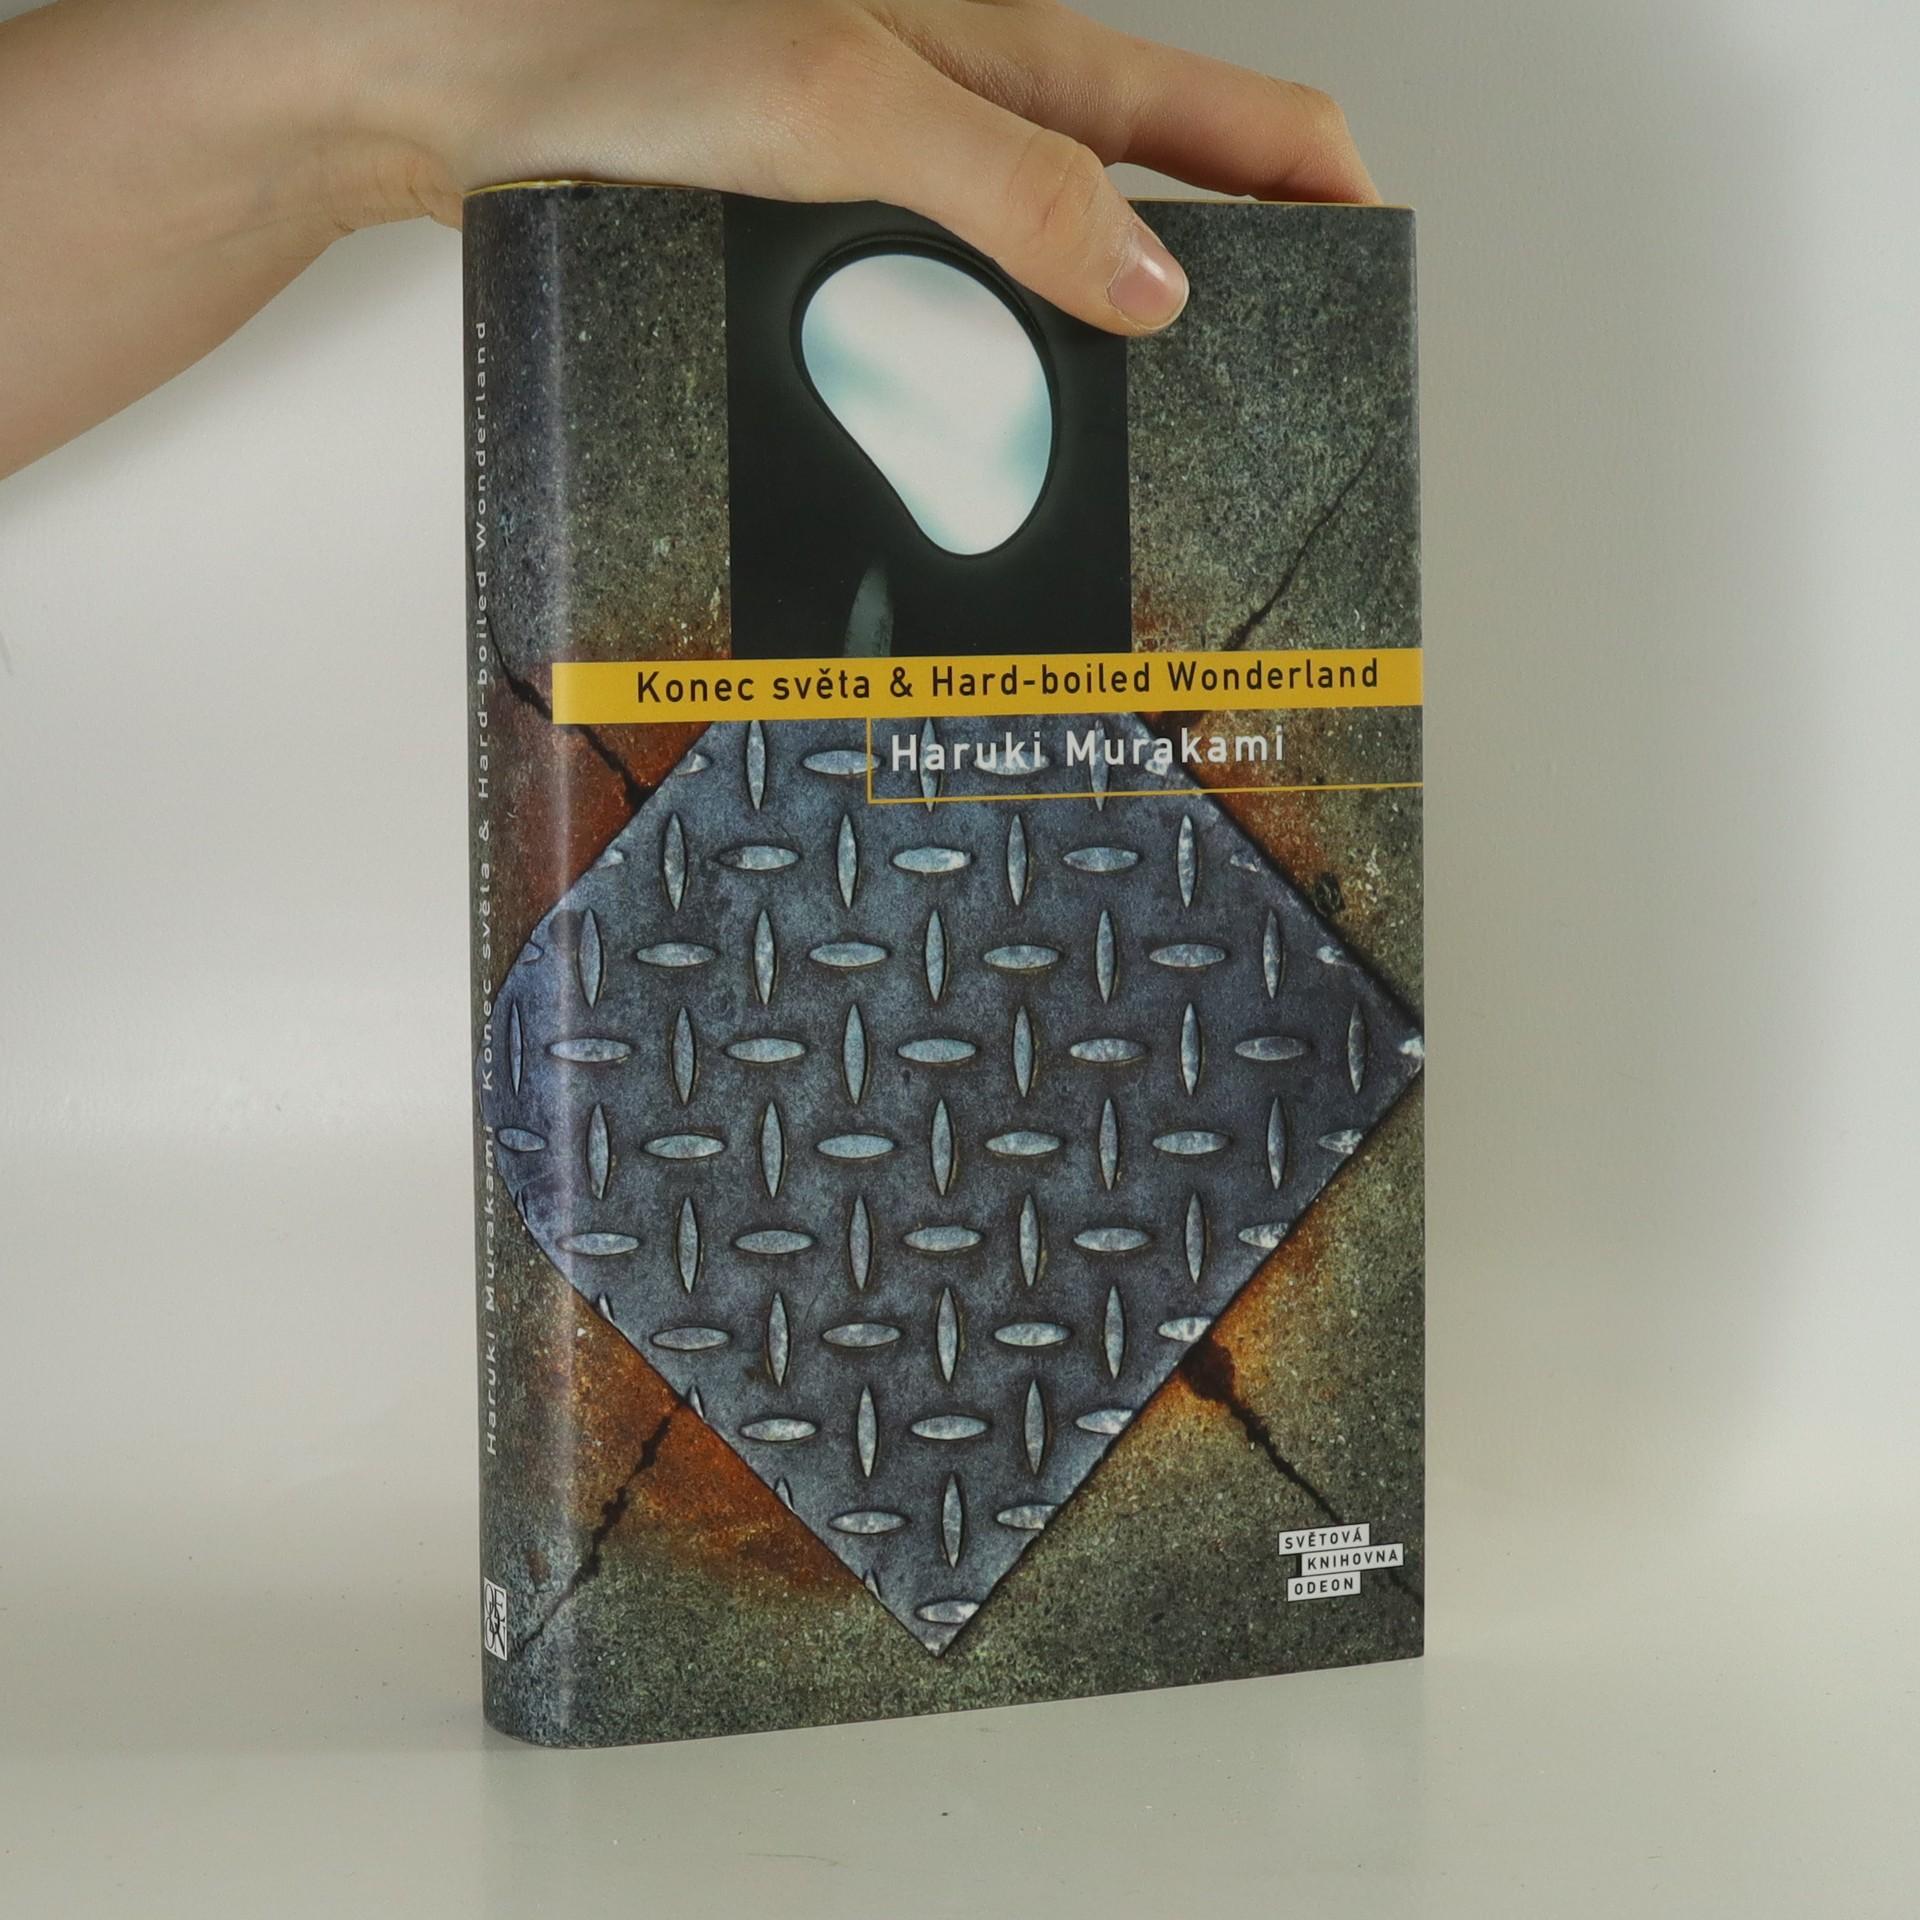 antikvární kniha Konec světa & Hard-boiled Wonderland, 2008